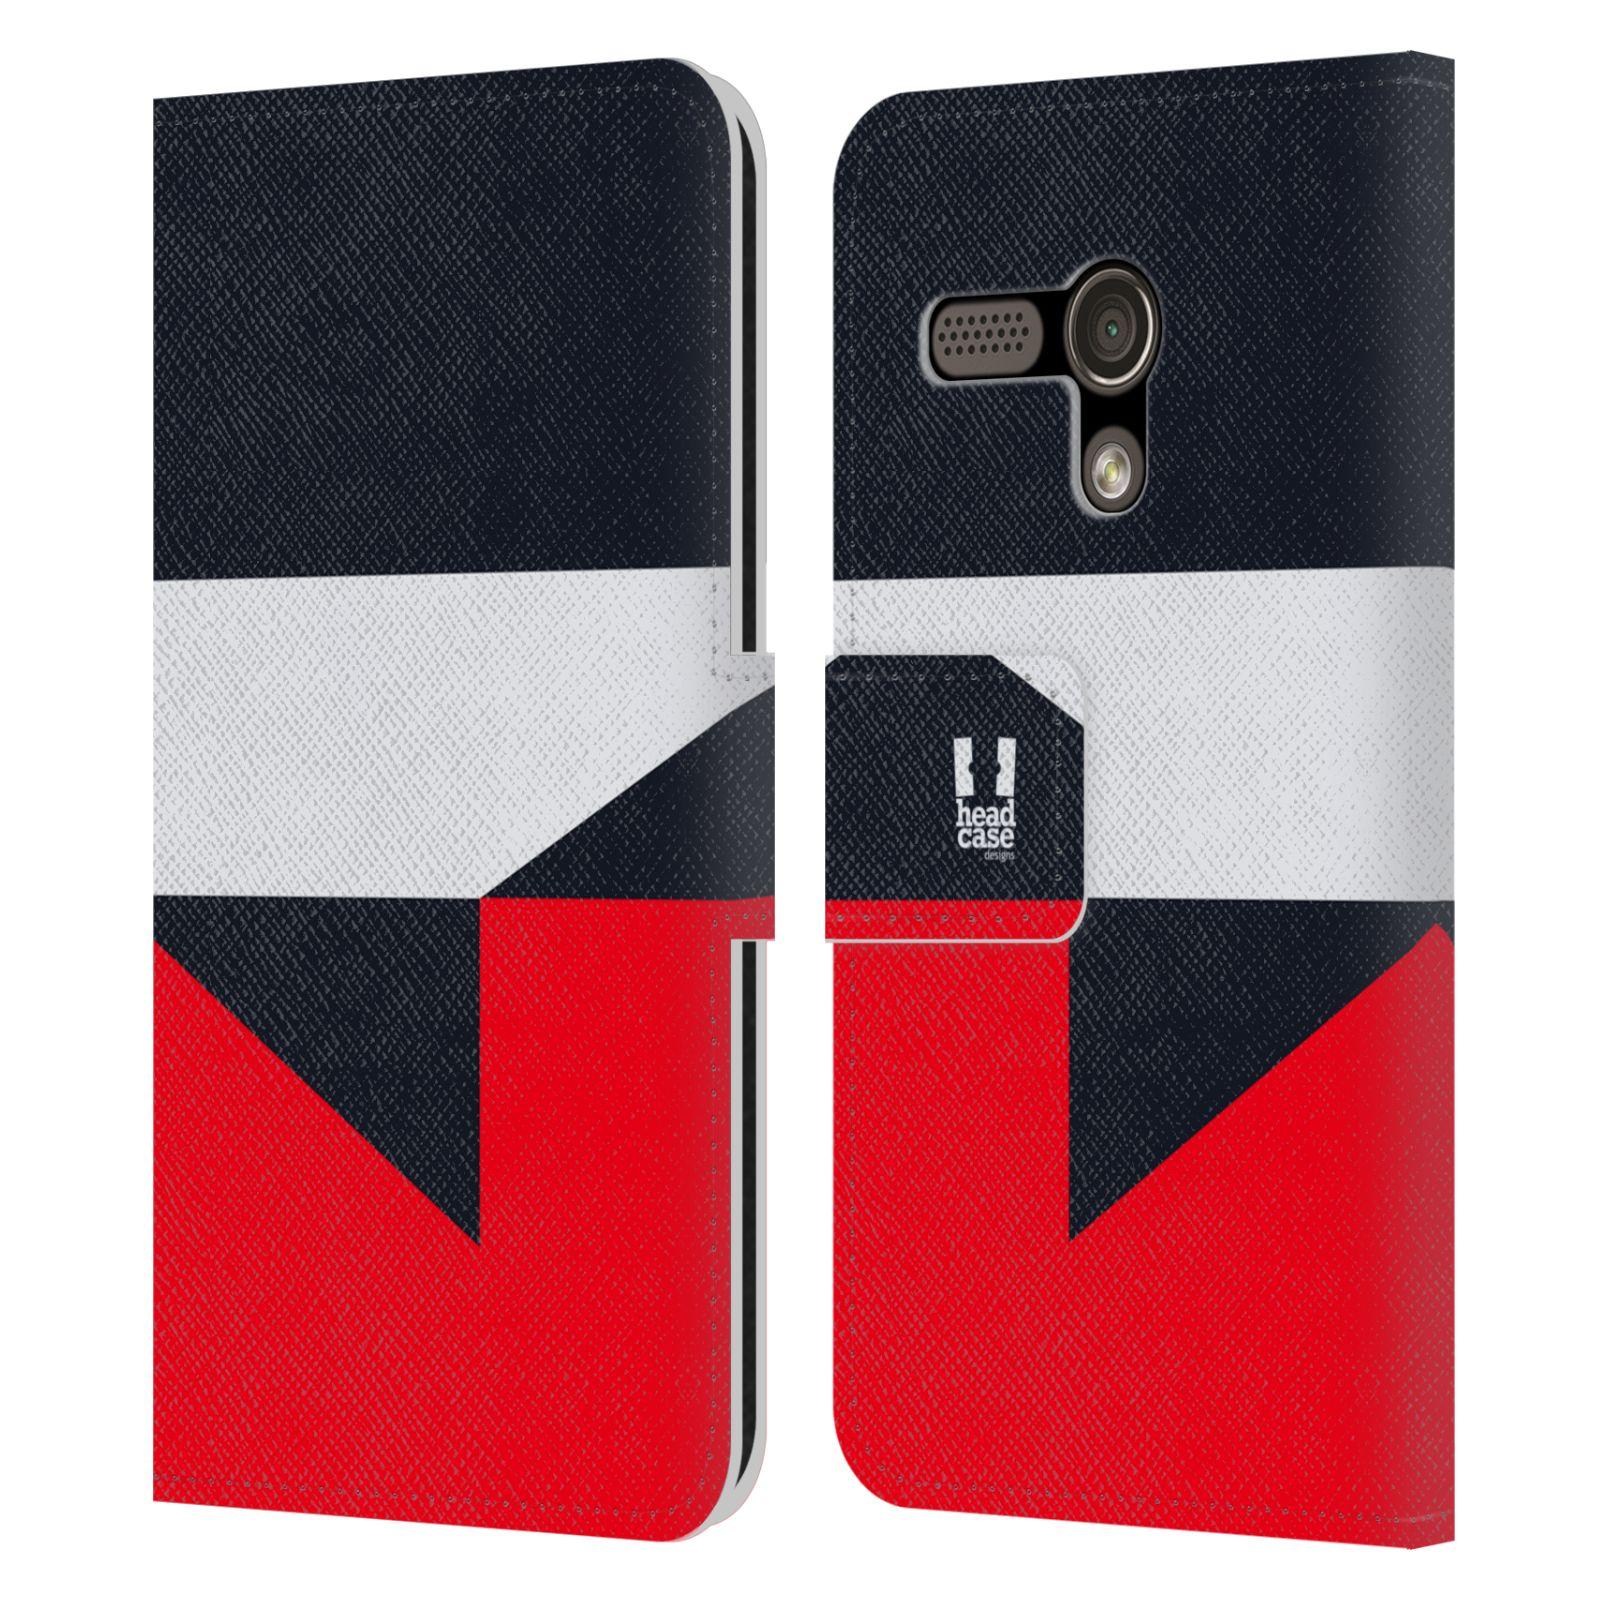 HEAD CASE Flipové pouzdro pro mobil Motorola MOTO G barevné tvary černá a červená gejša